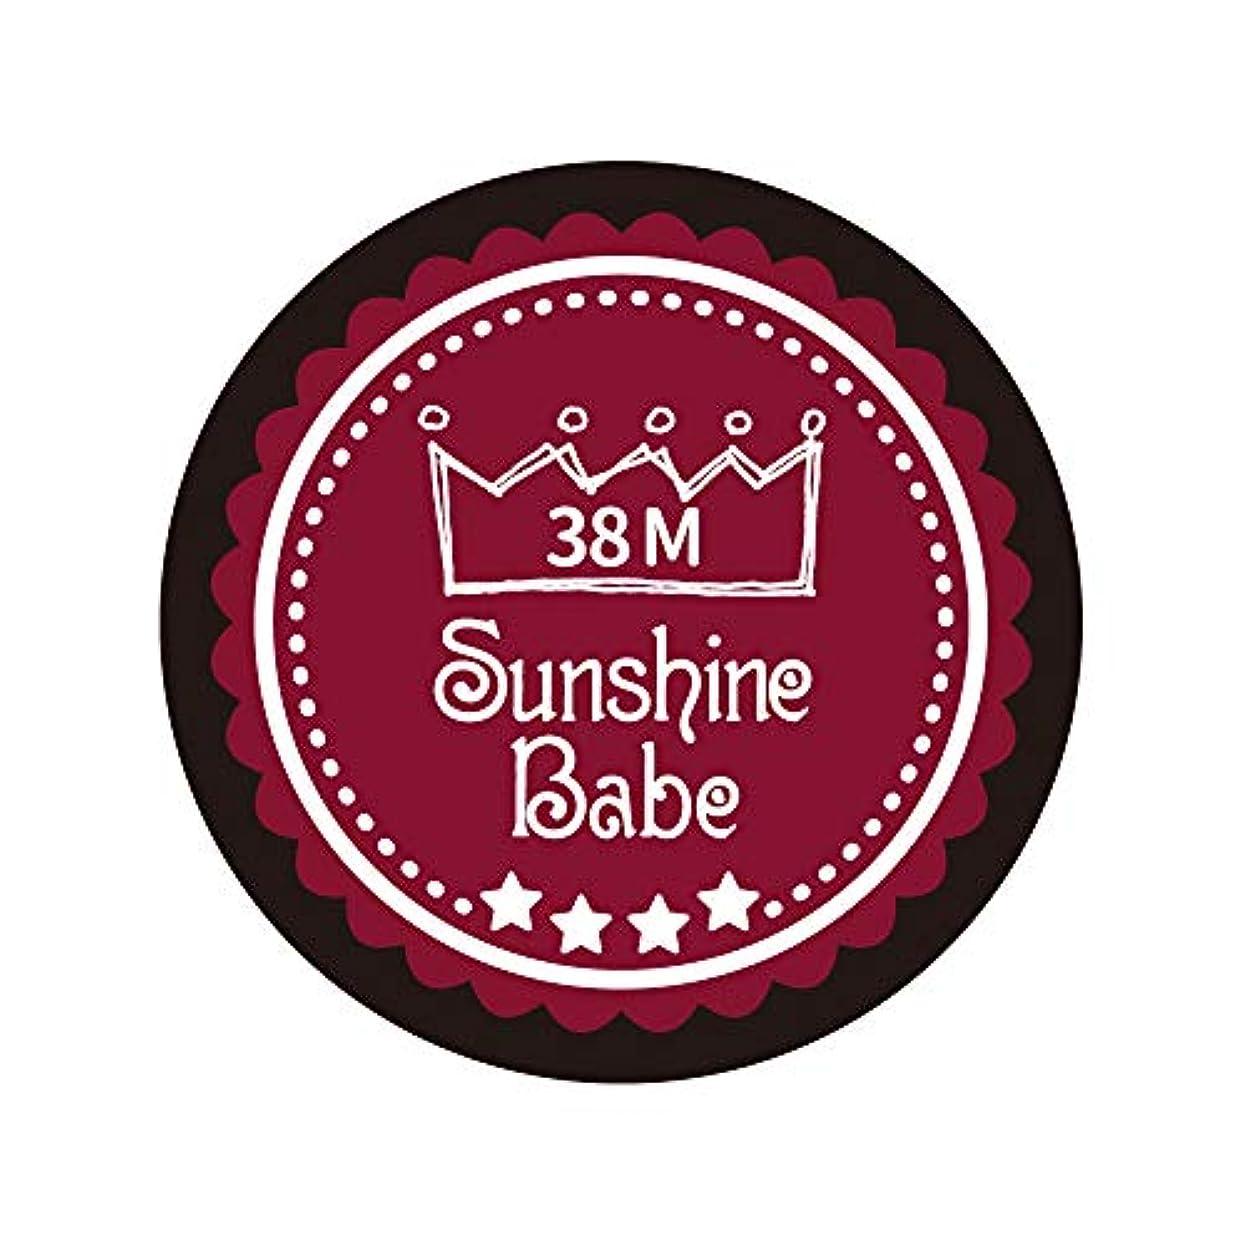 セブンライブ草Sunshine Babe カラージェル 38M レッドペア 2.7g UV/LED対応